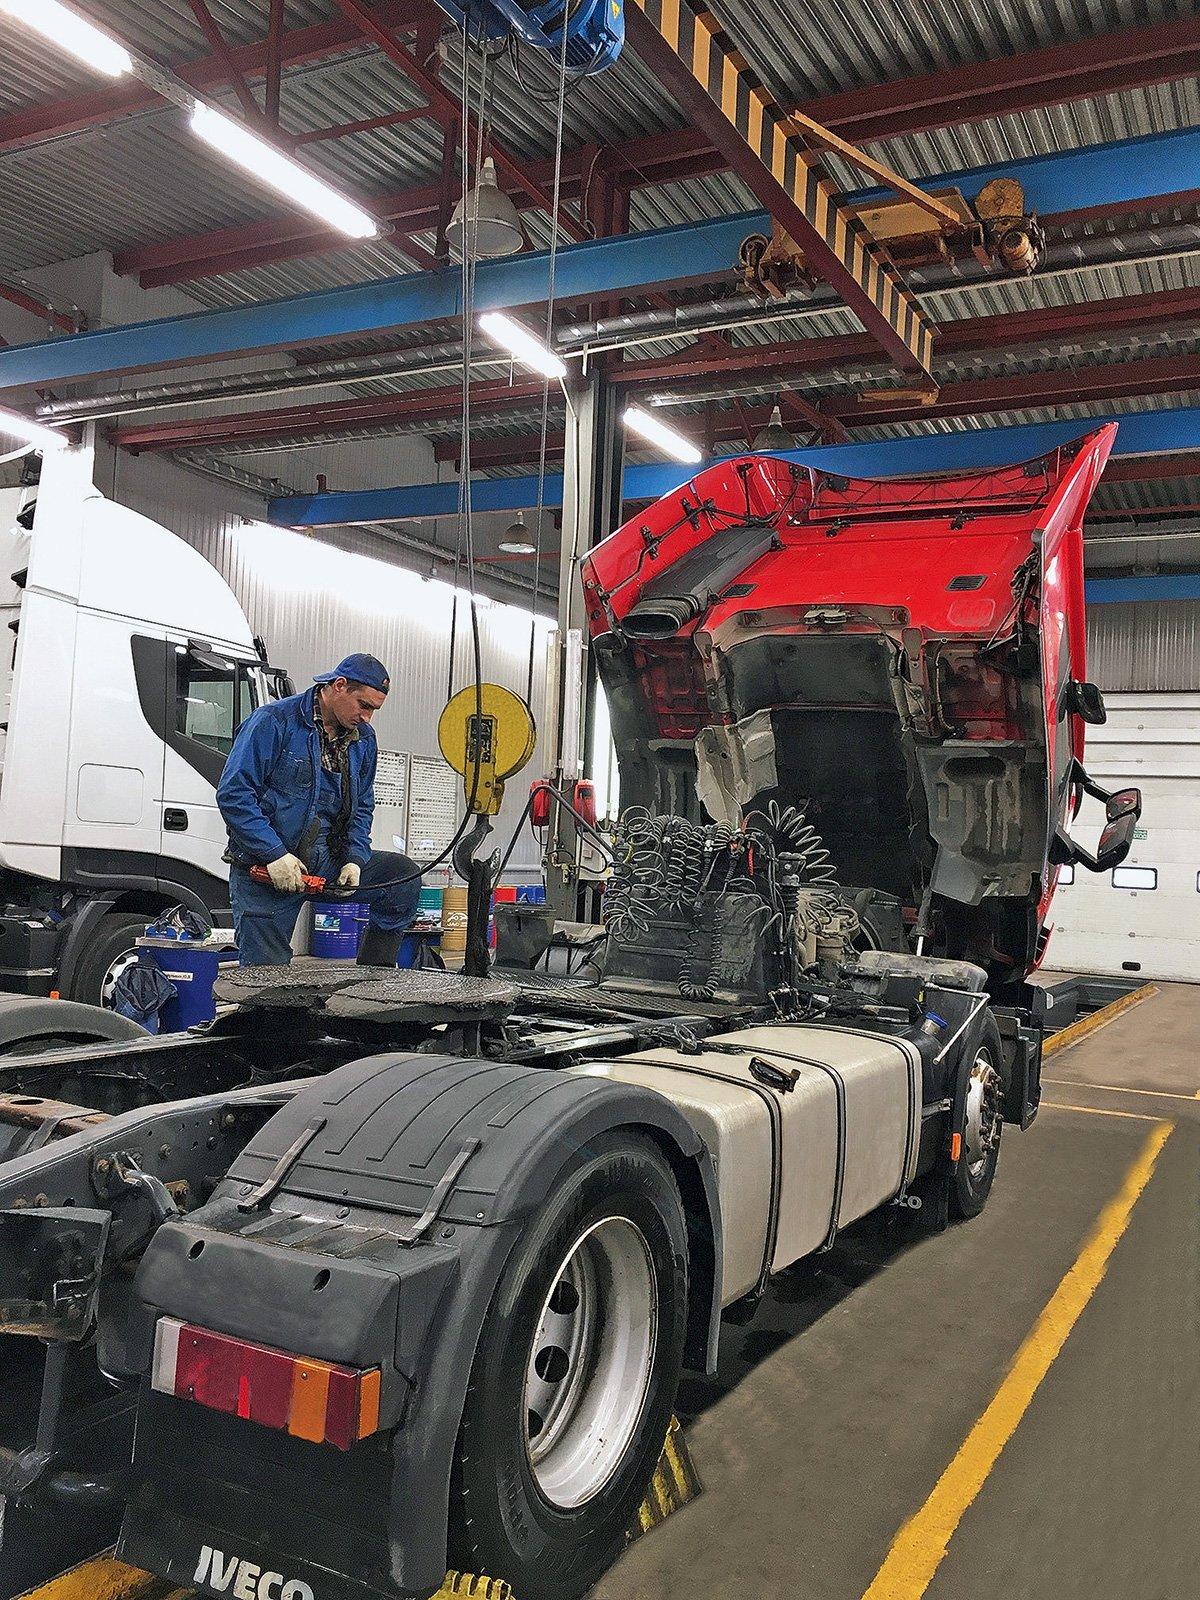 «Мы стараемся принимать всех»: как работает грузовой автосервис во время пандемии в Москве